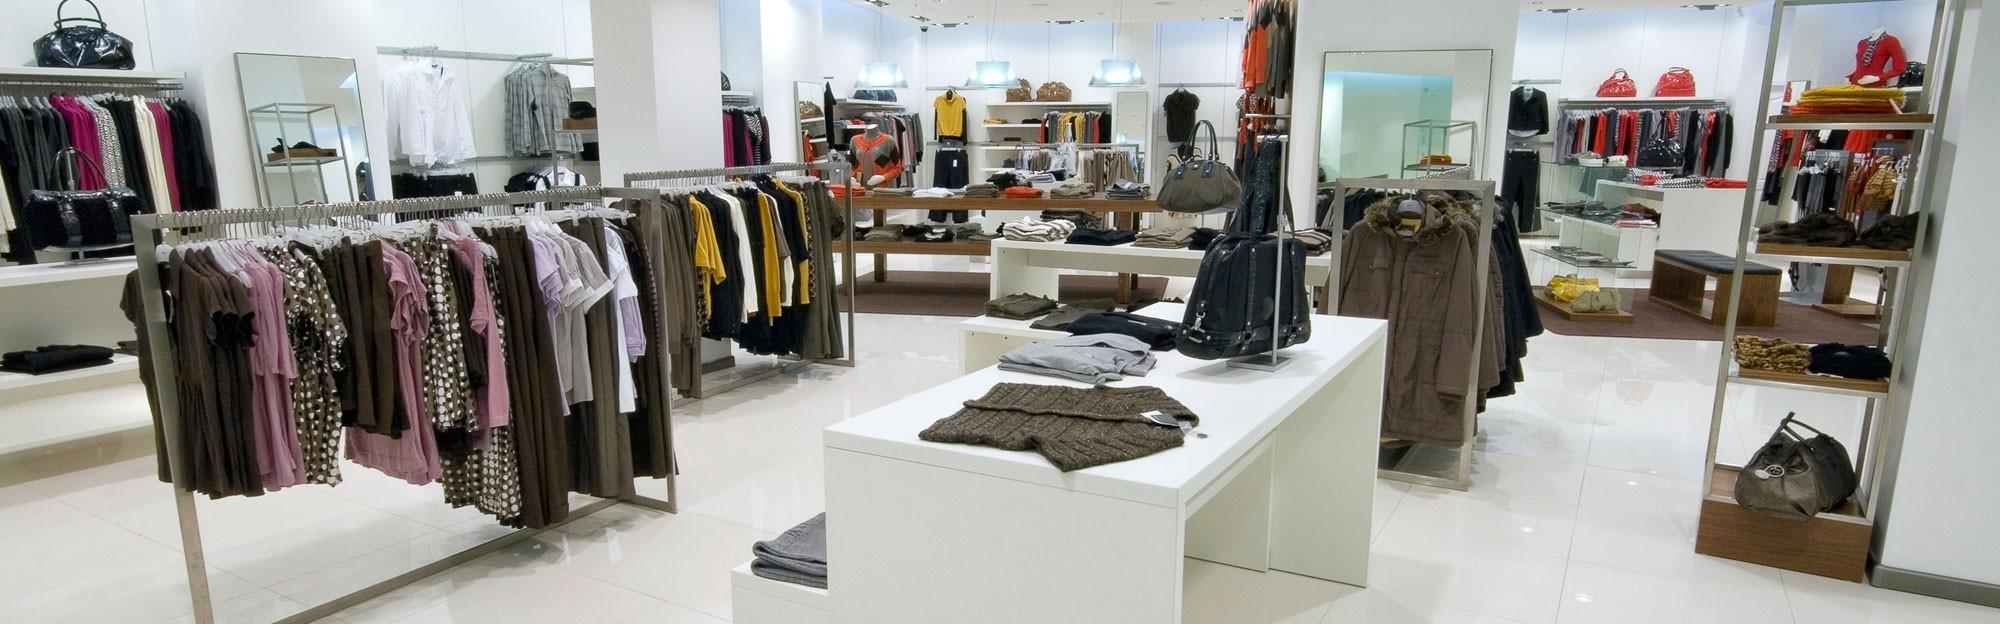 Mağazacılıkta Tecrübe